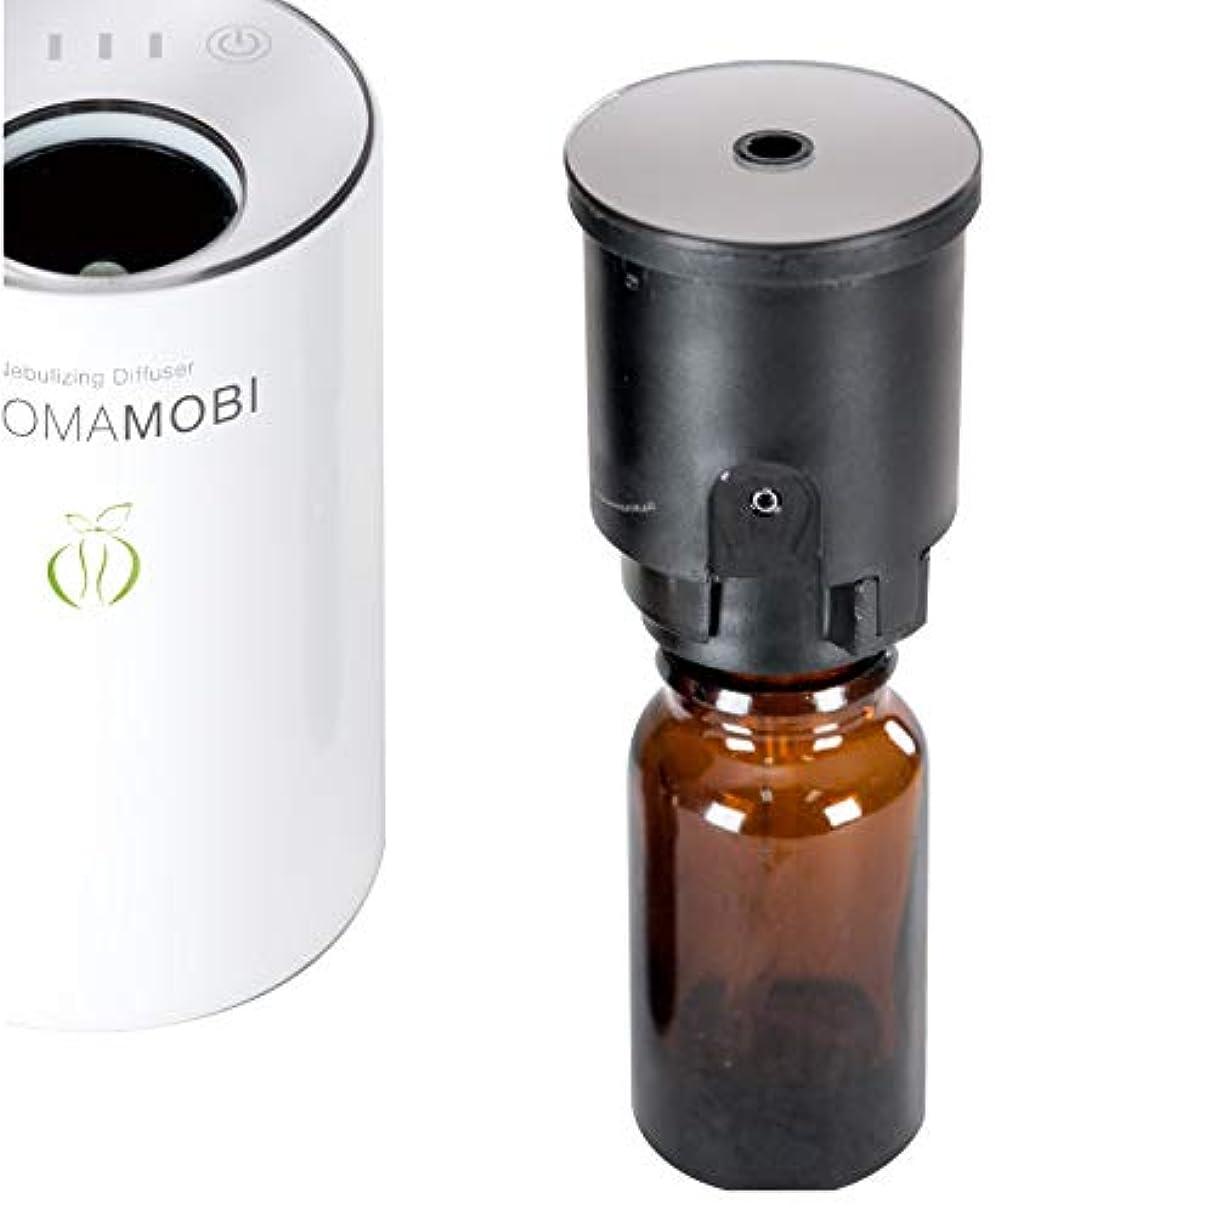 不誠実チロ仕えるfunks アロマモビ 専用 交換用 ノズル ボトルセット aromamobi アロマディフューザー